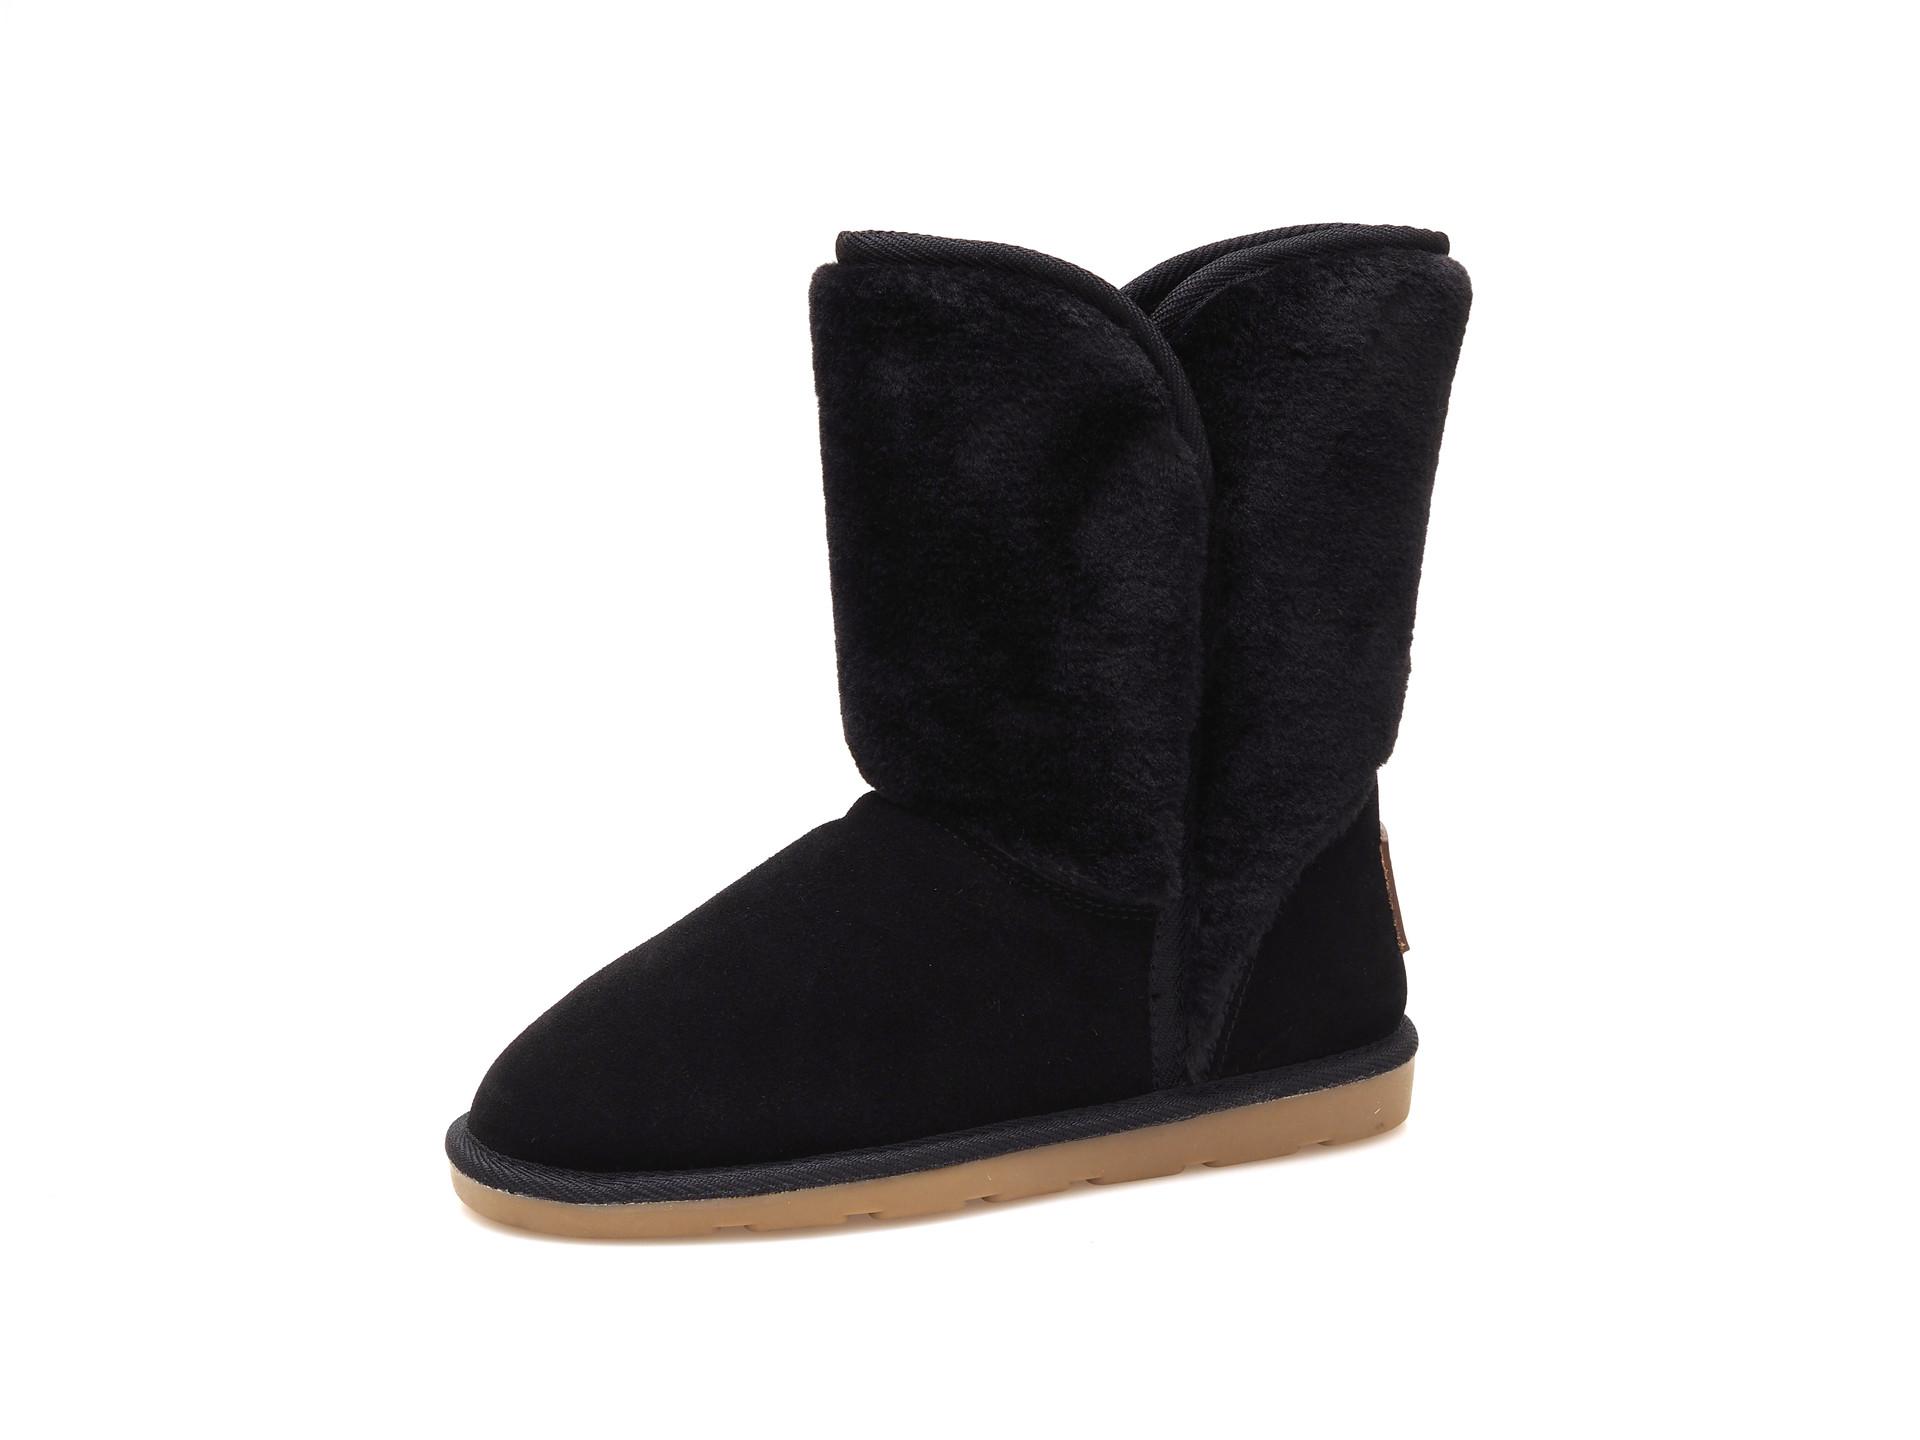 7c078eb6bde0 Soňa - Dámska obuv - Čižmy - Dámska čižma stredne vysoká zateplená na nízkom  podpätku značky Les Tropezienne